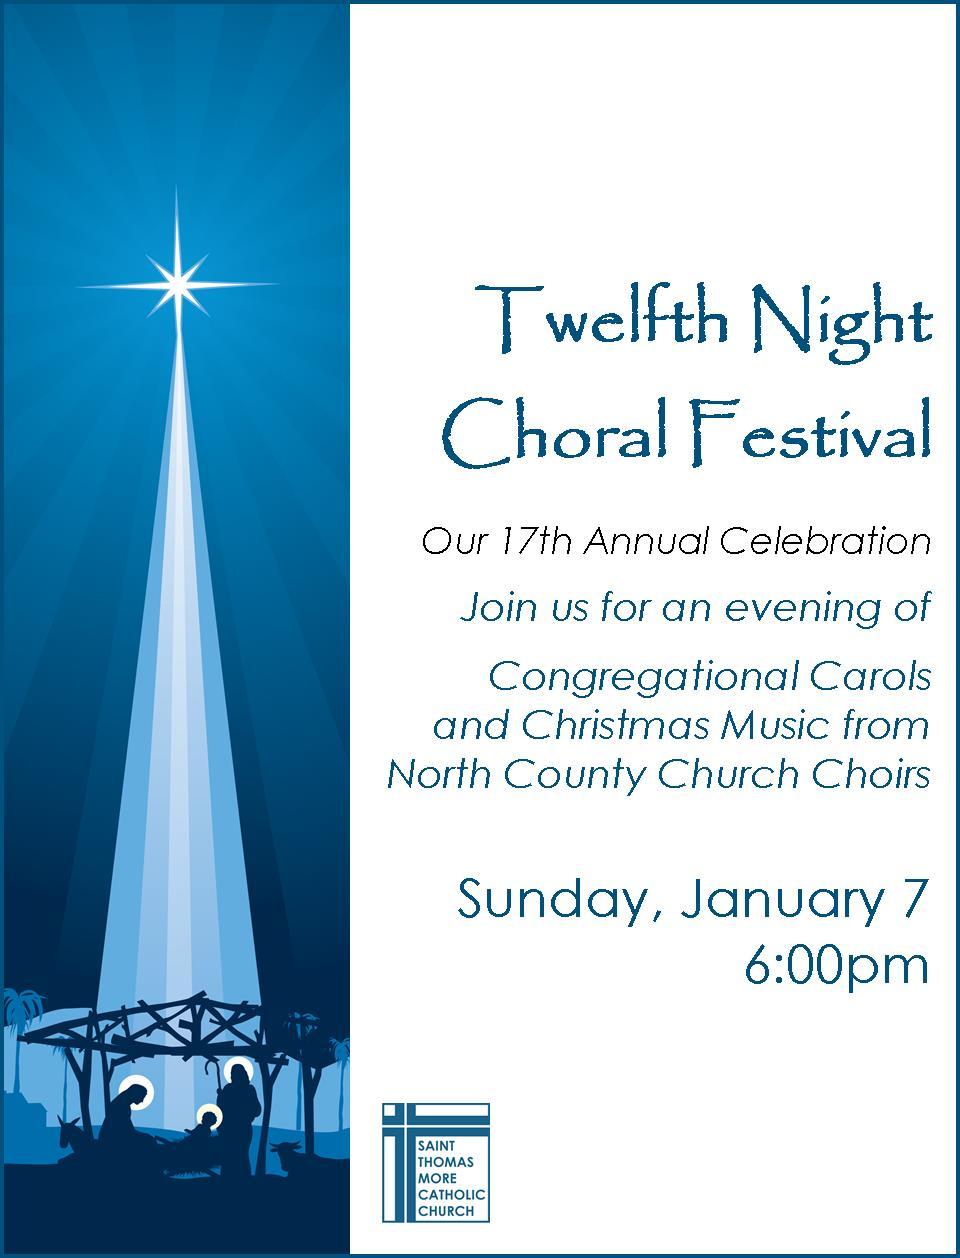 Twelfth Night Choral Festival